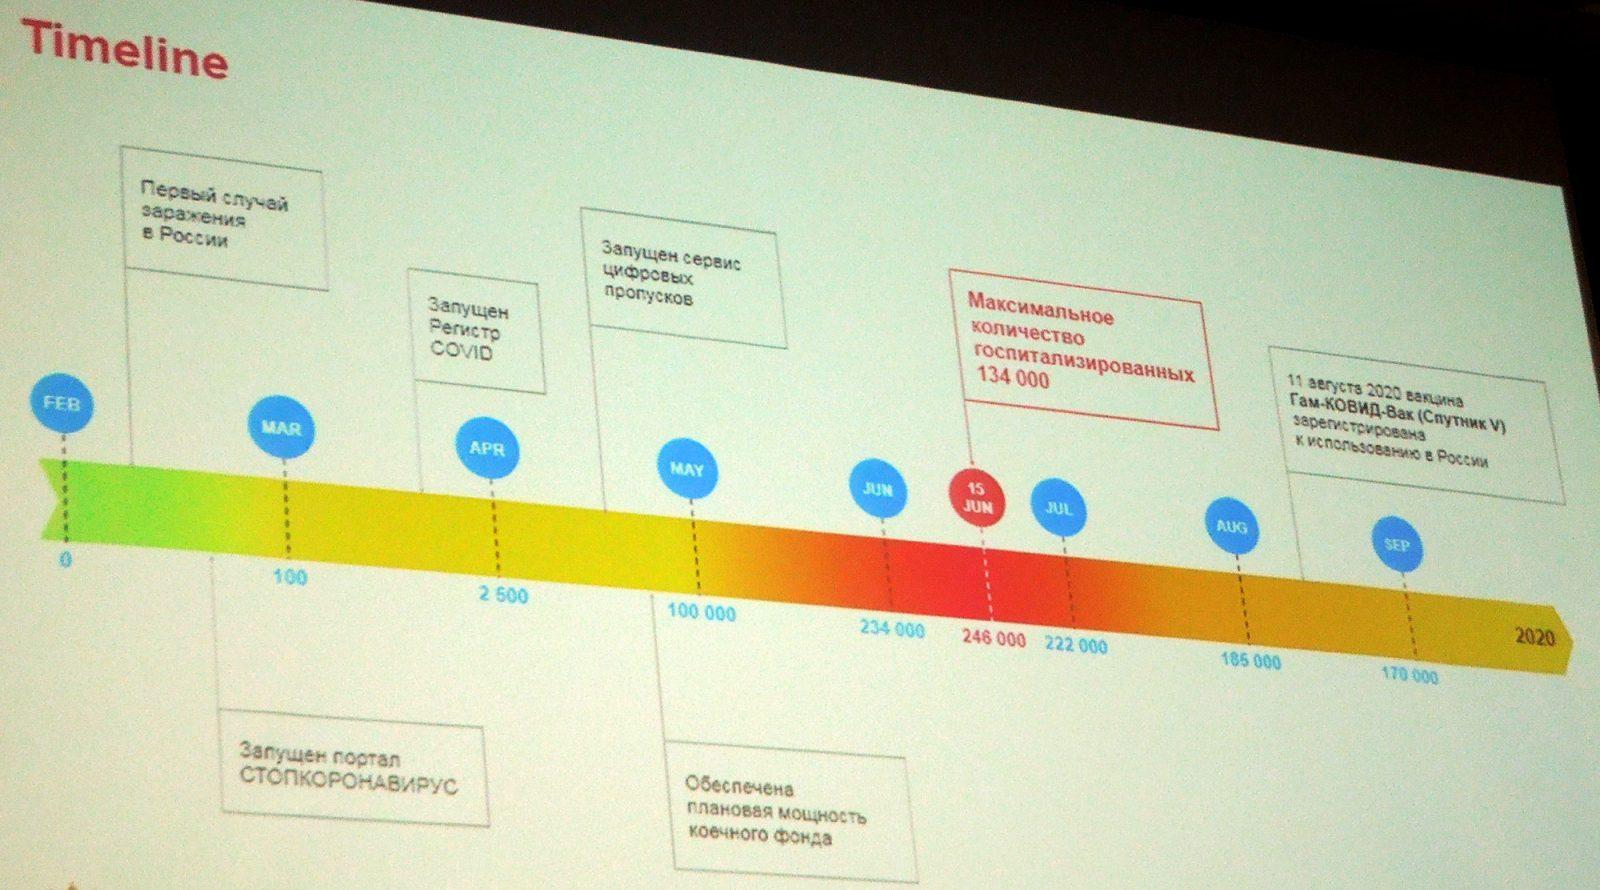 Замминистра здравоохранения рассказал на «ПРОФ-IT.2020», как цифровизация помогла в пандемию управлять системой здравоохранения